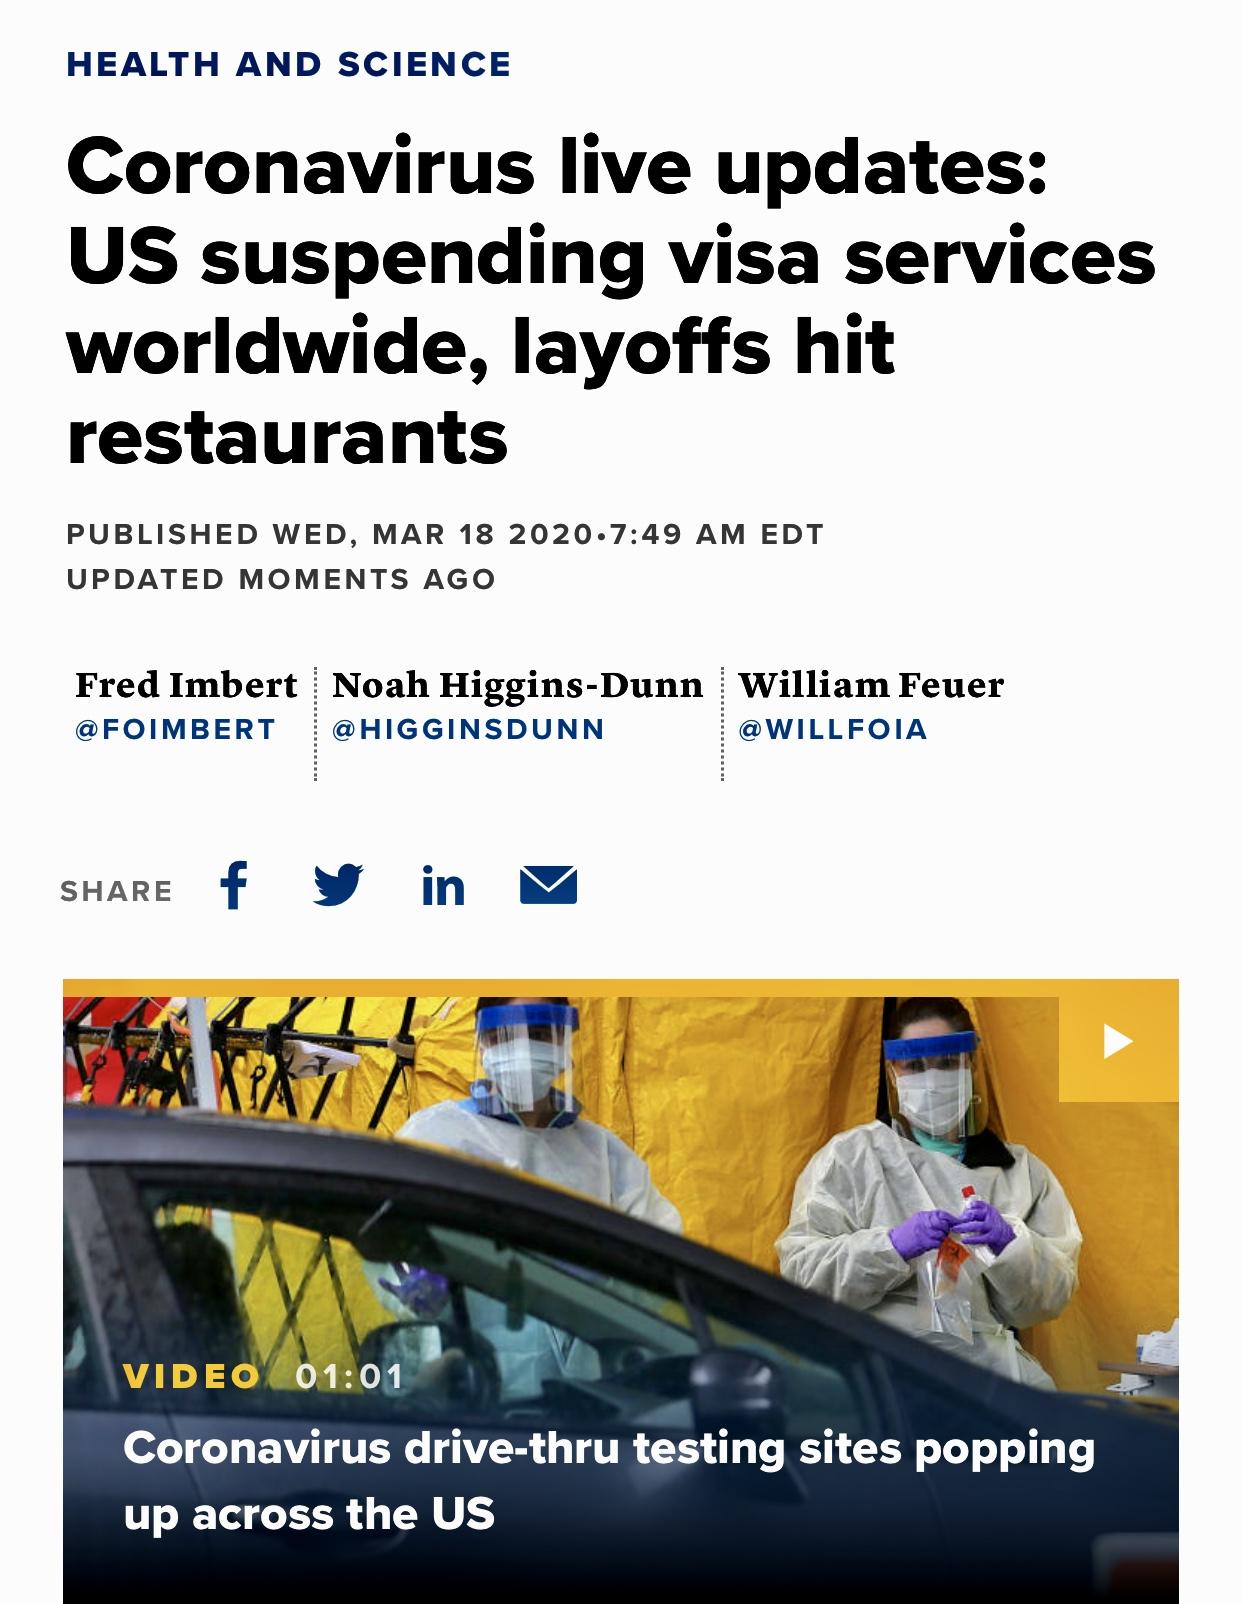 Coronavirus Live Updates: US Suspending visa Services Worldwide, Layoffs Hit Restaurants